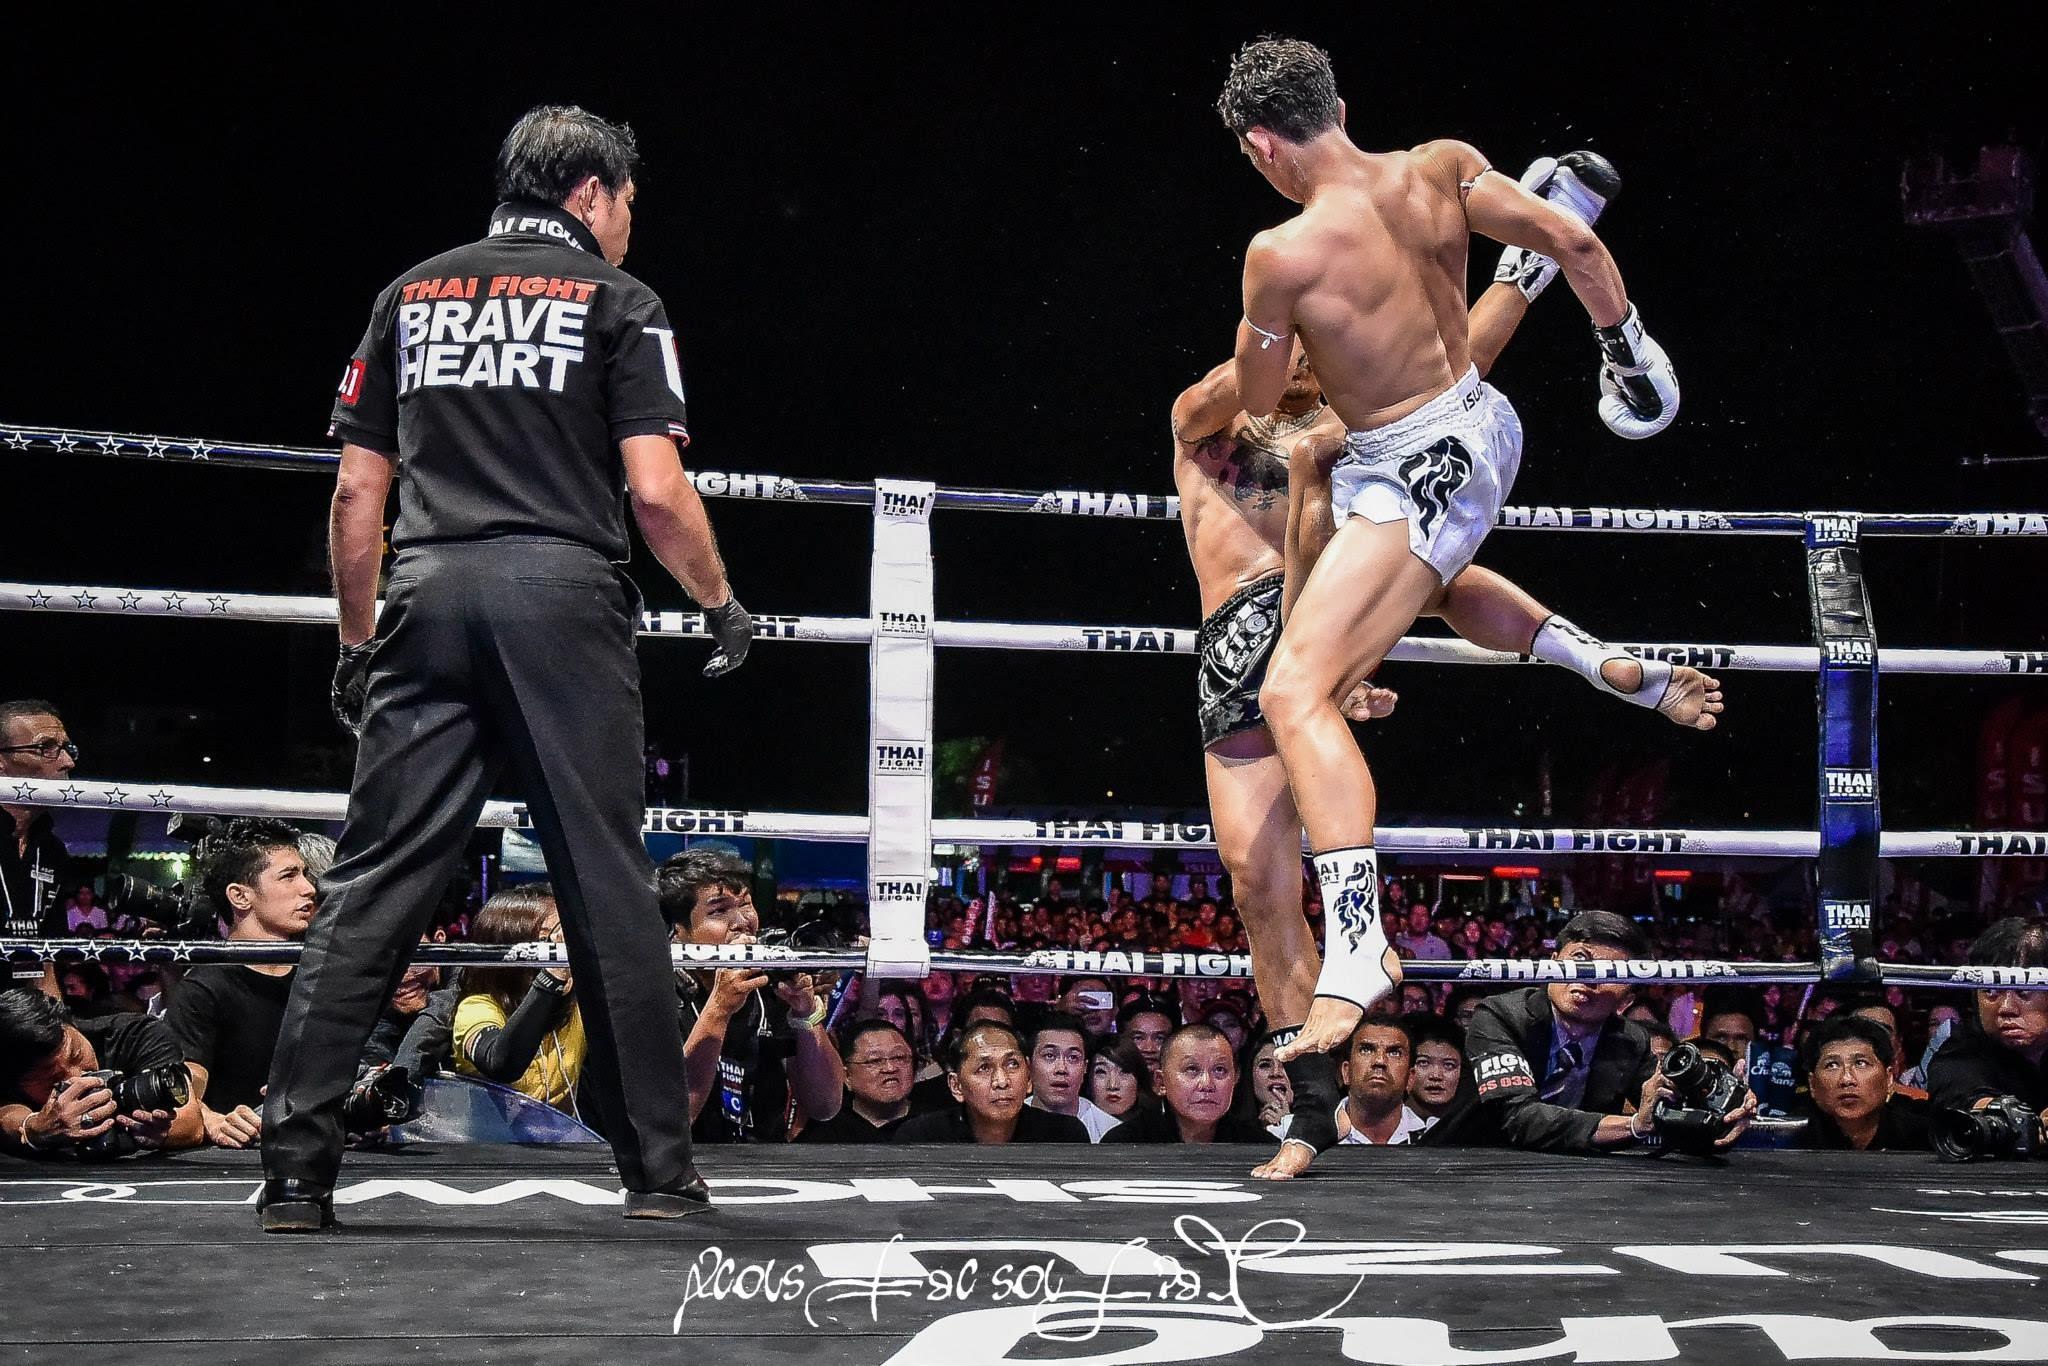 Тайский бокс муай тай - удар коленом в прыжке